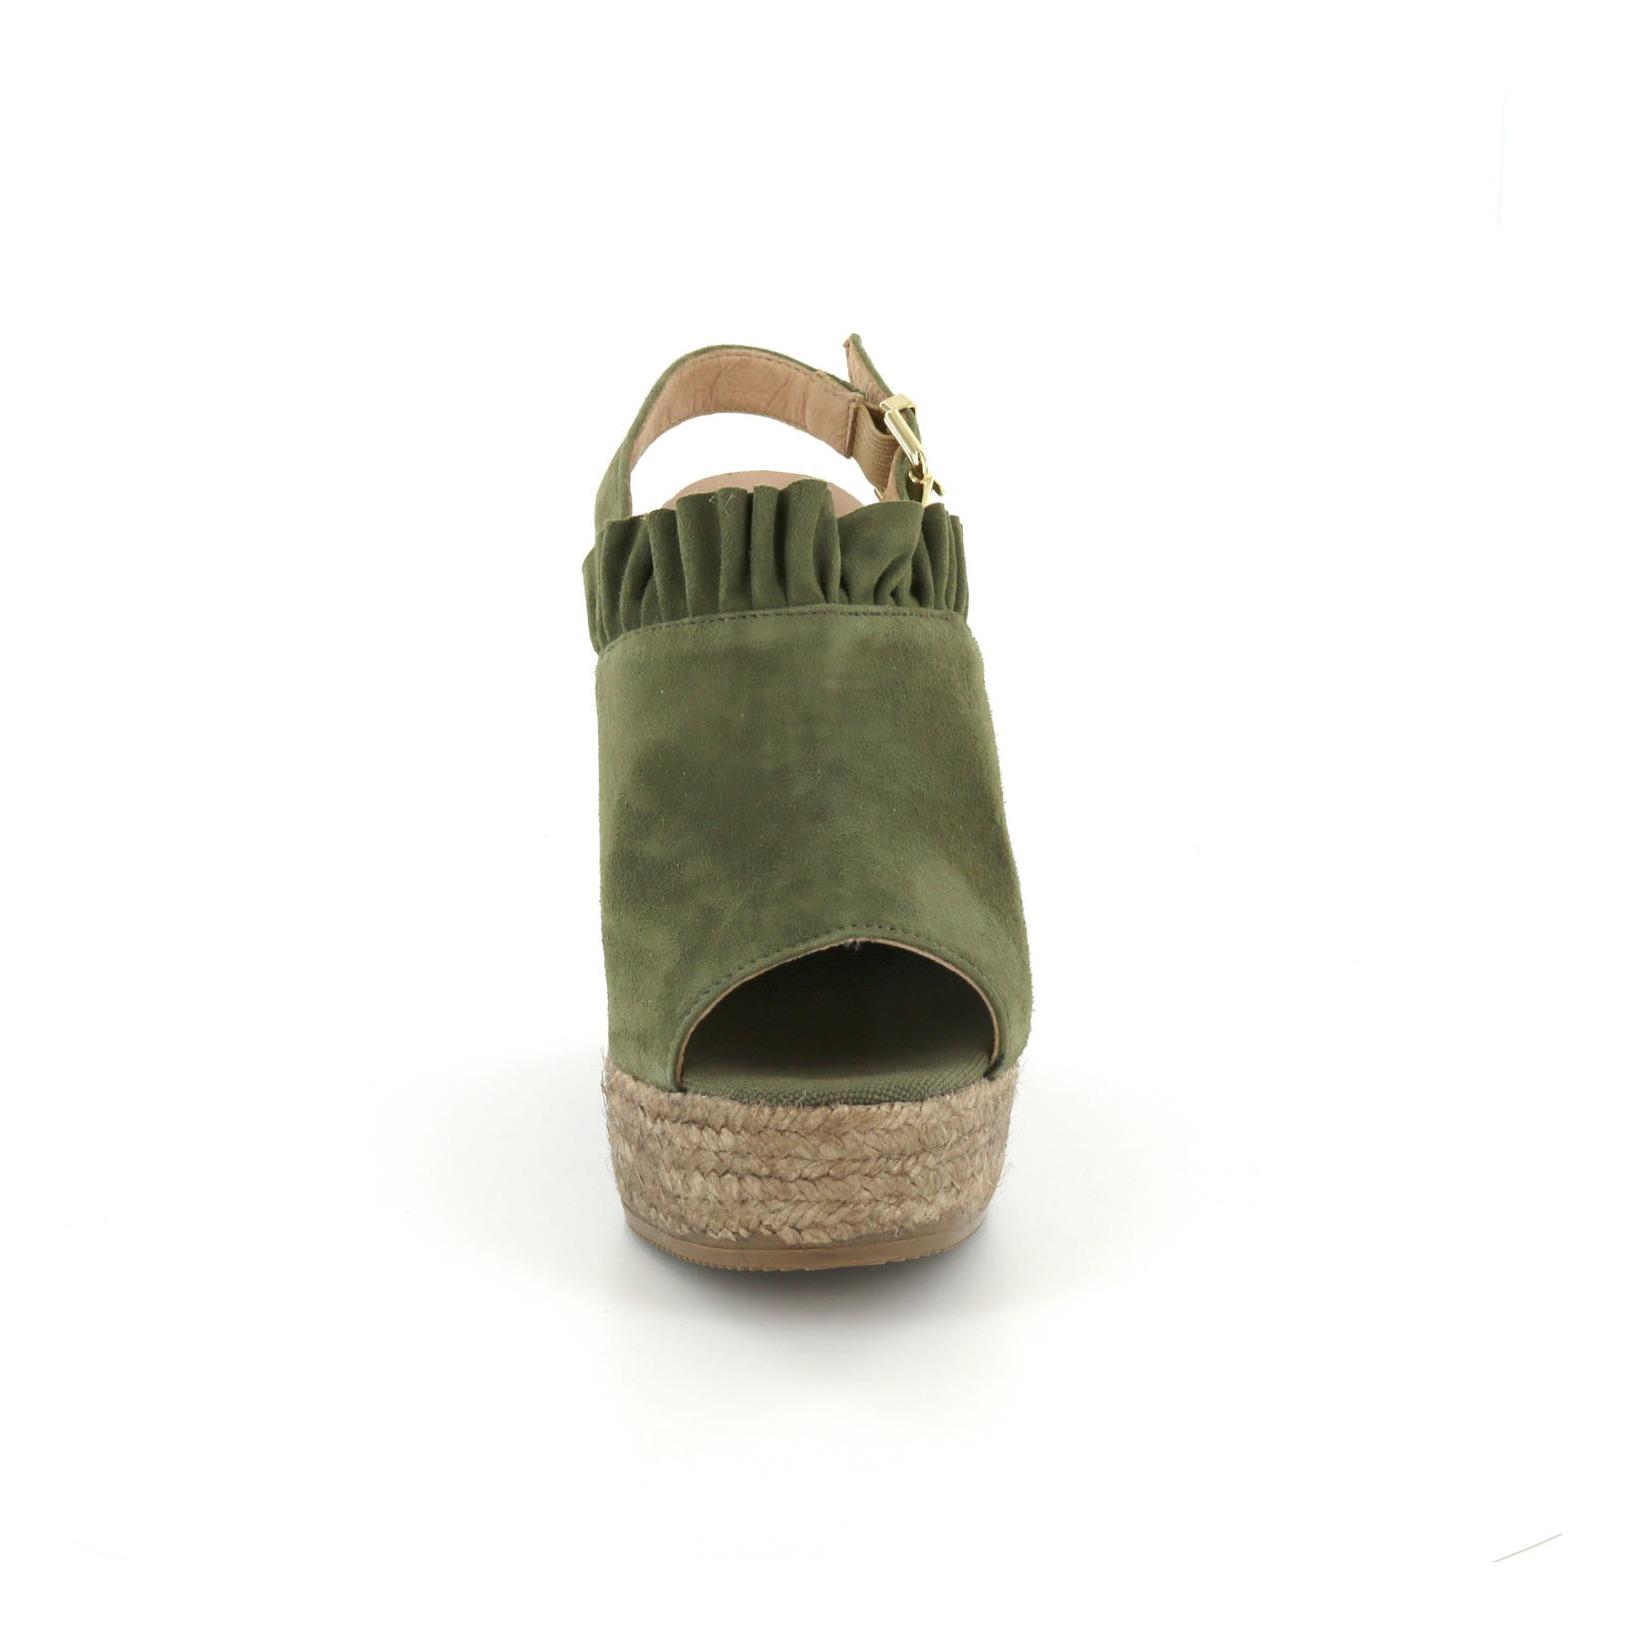 KANNA / Sandalen, groen